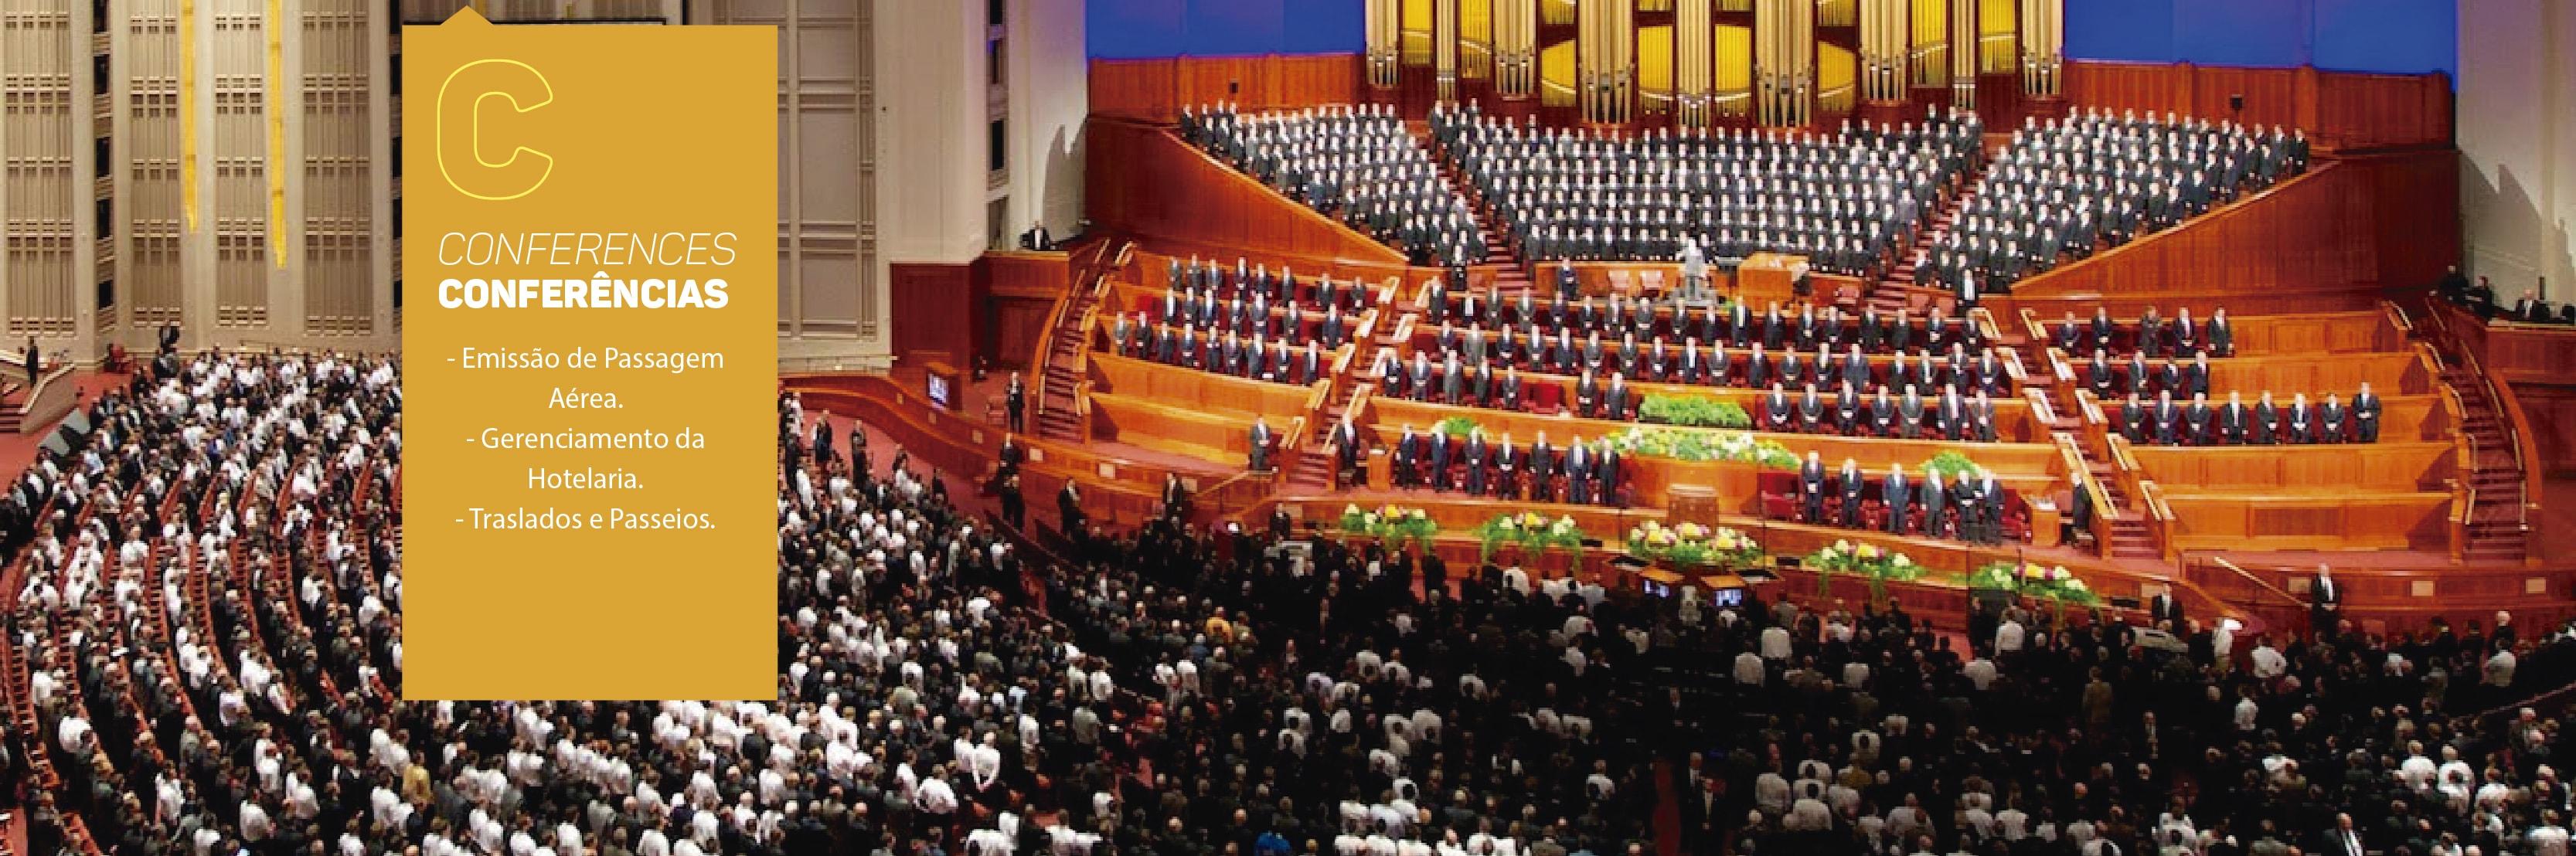 congressos, conferências, convenções